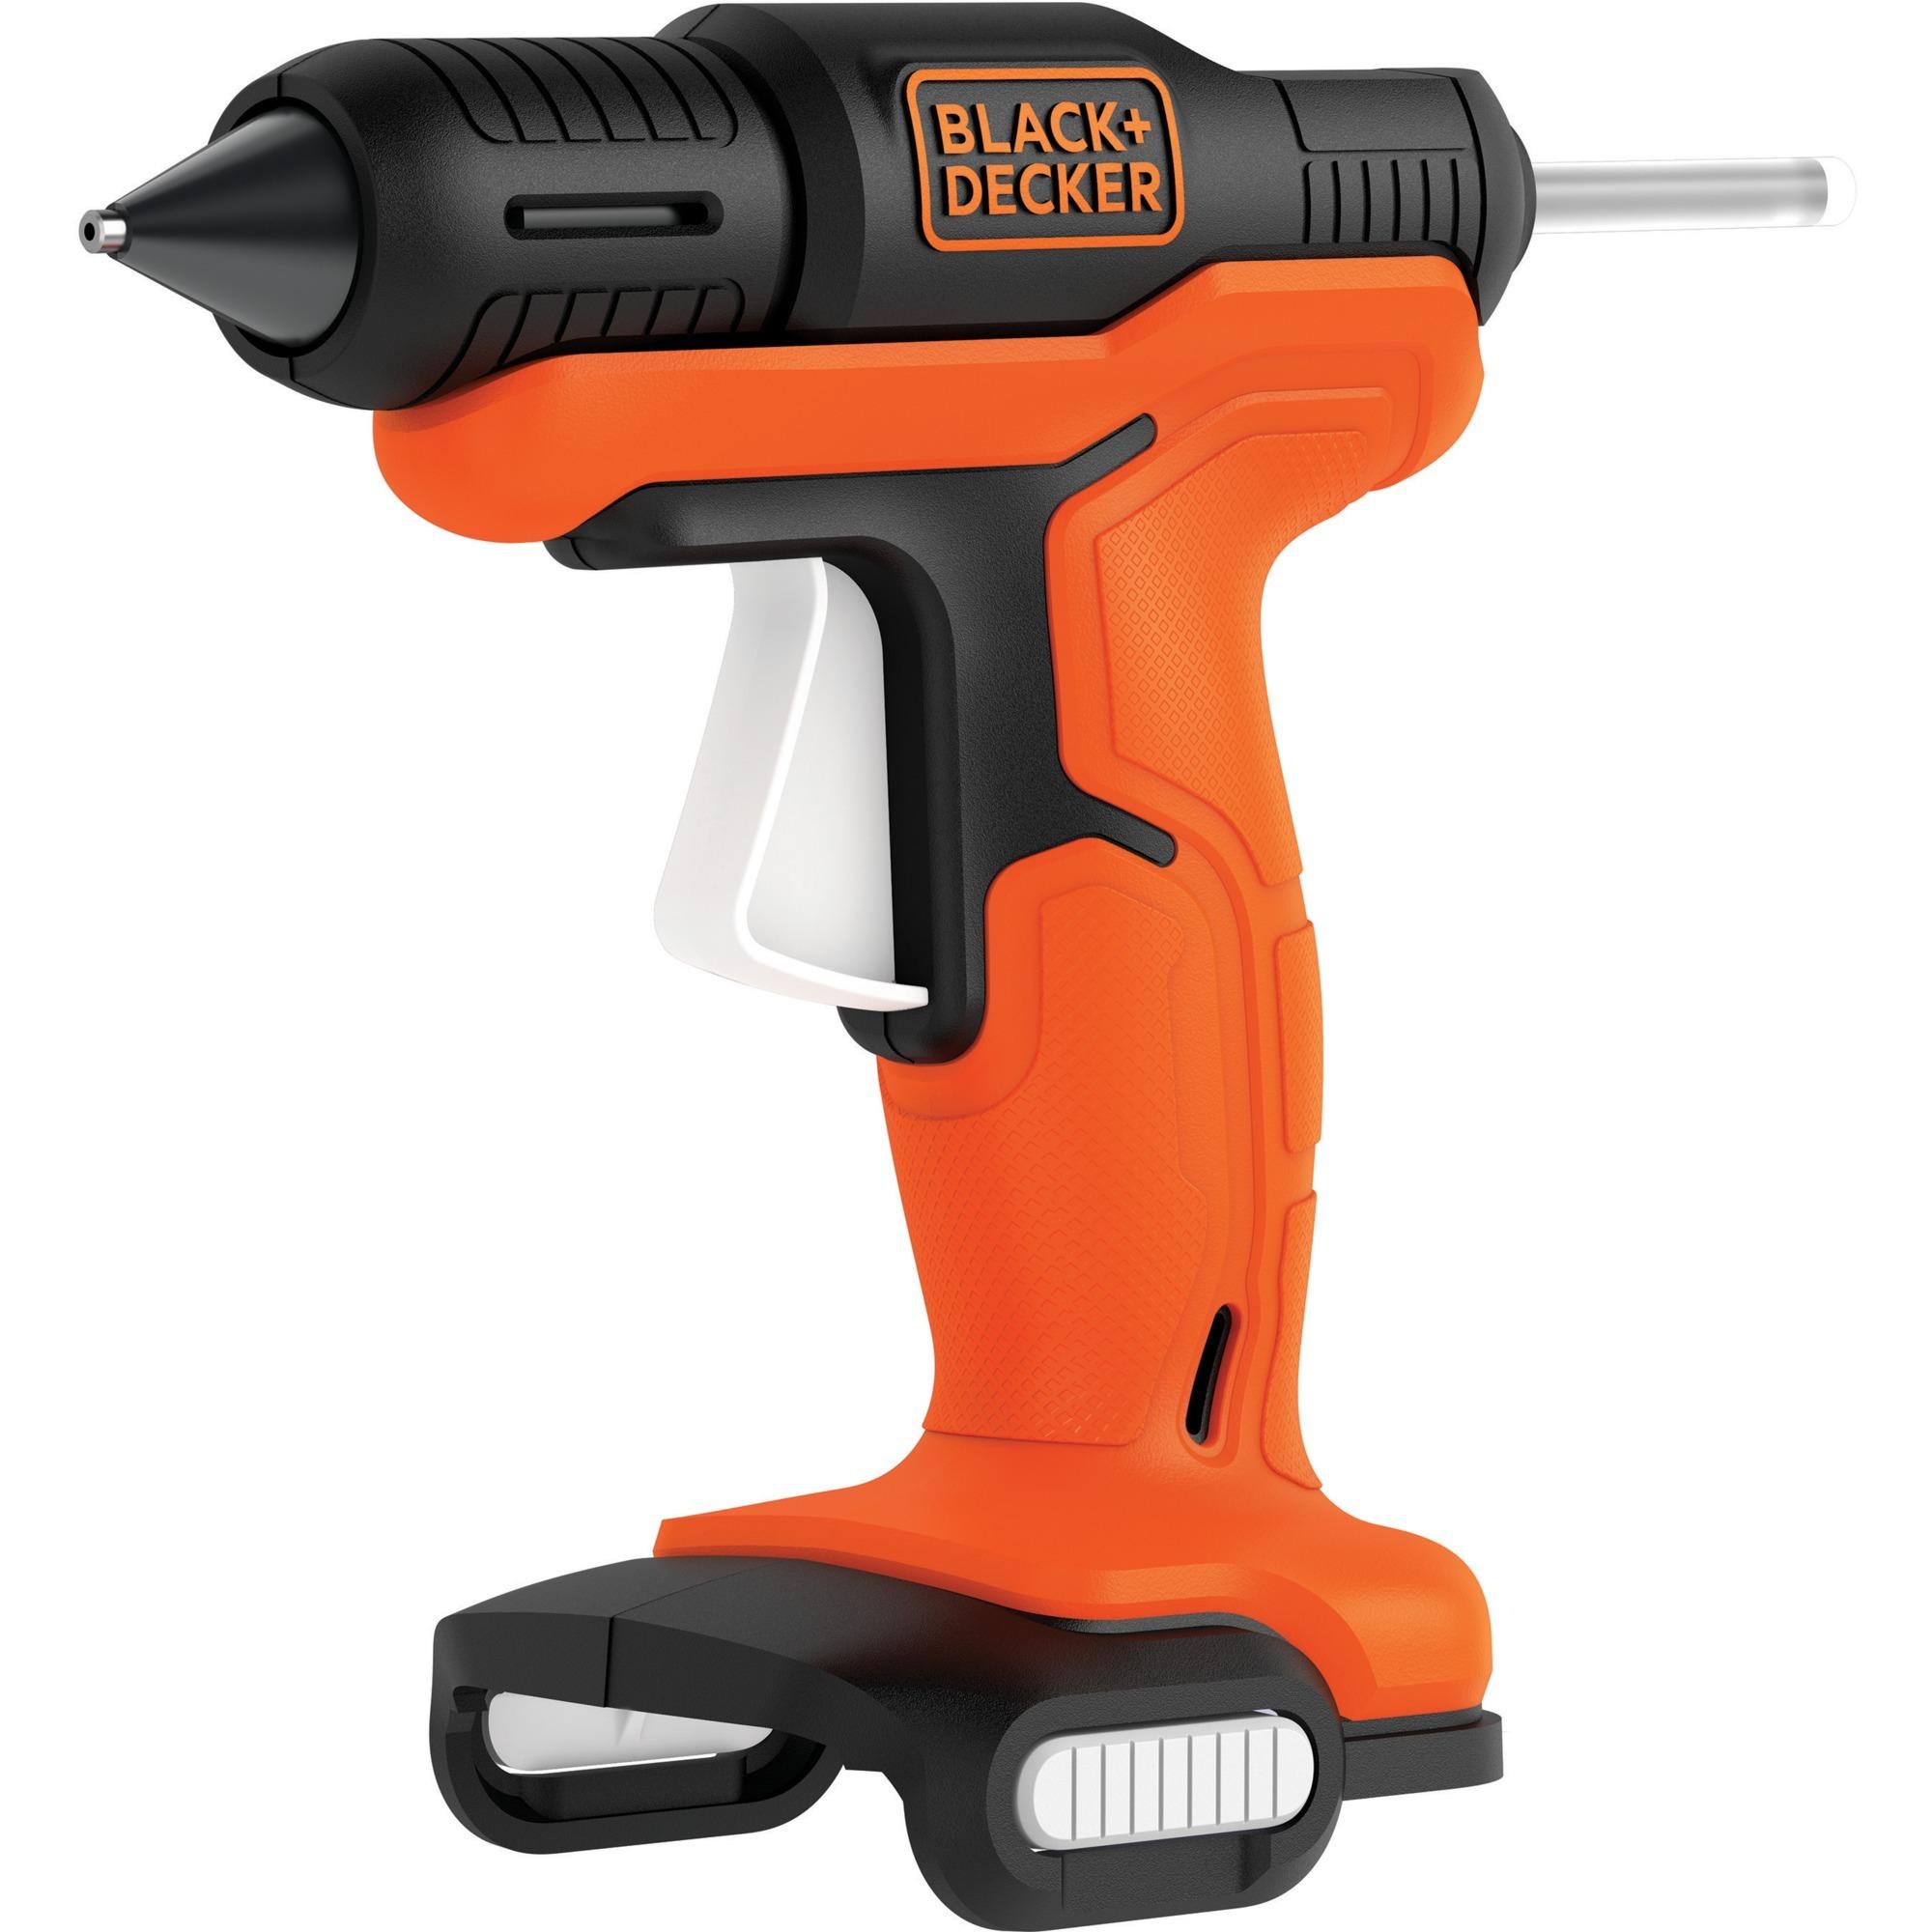 black+decker akku-heißklebepistole bdcgg12n orange/schwarz, ohne